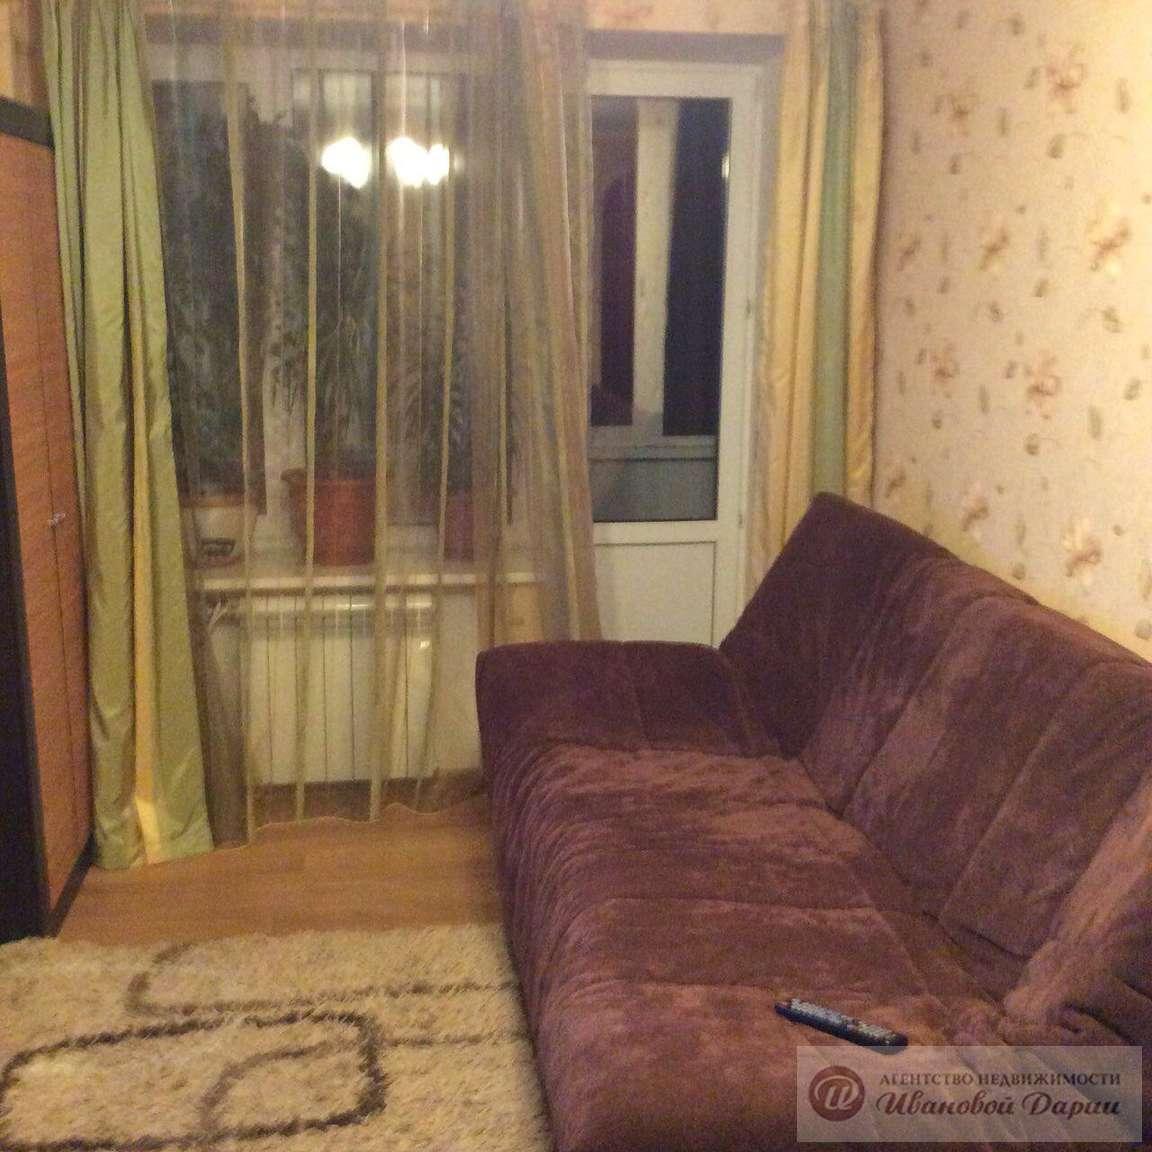 Квартира, 1 комната, 32 м² в Москве 89636587412 купить 3